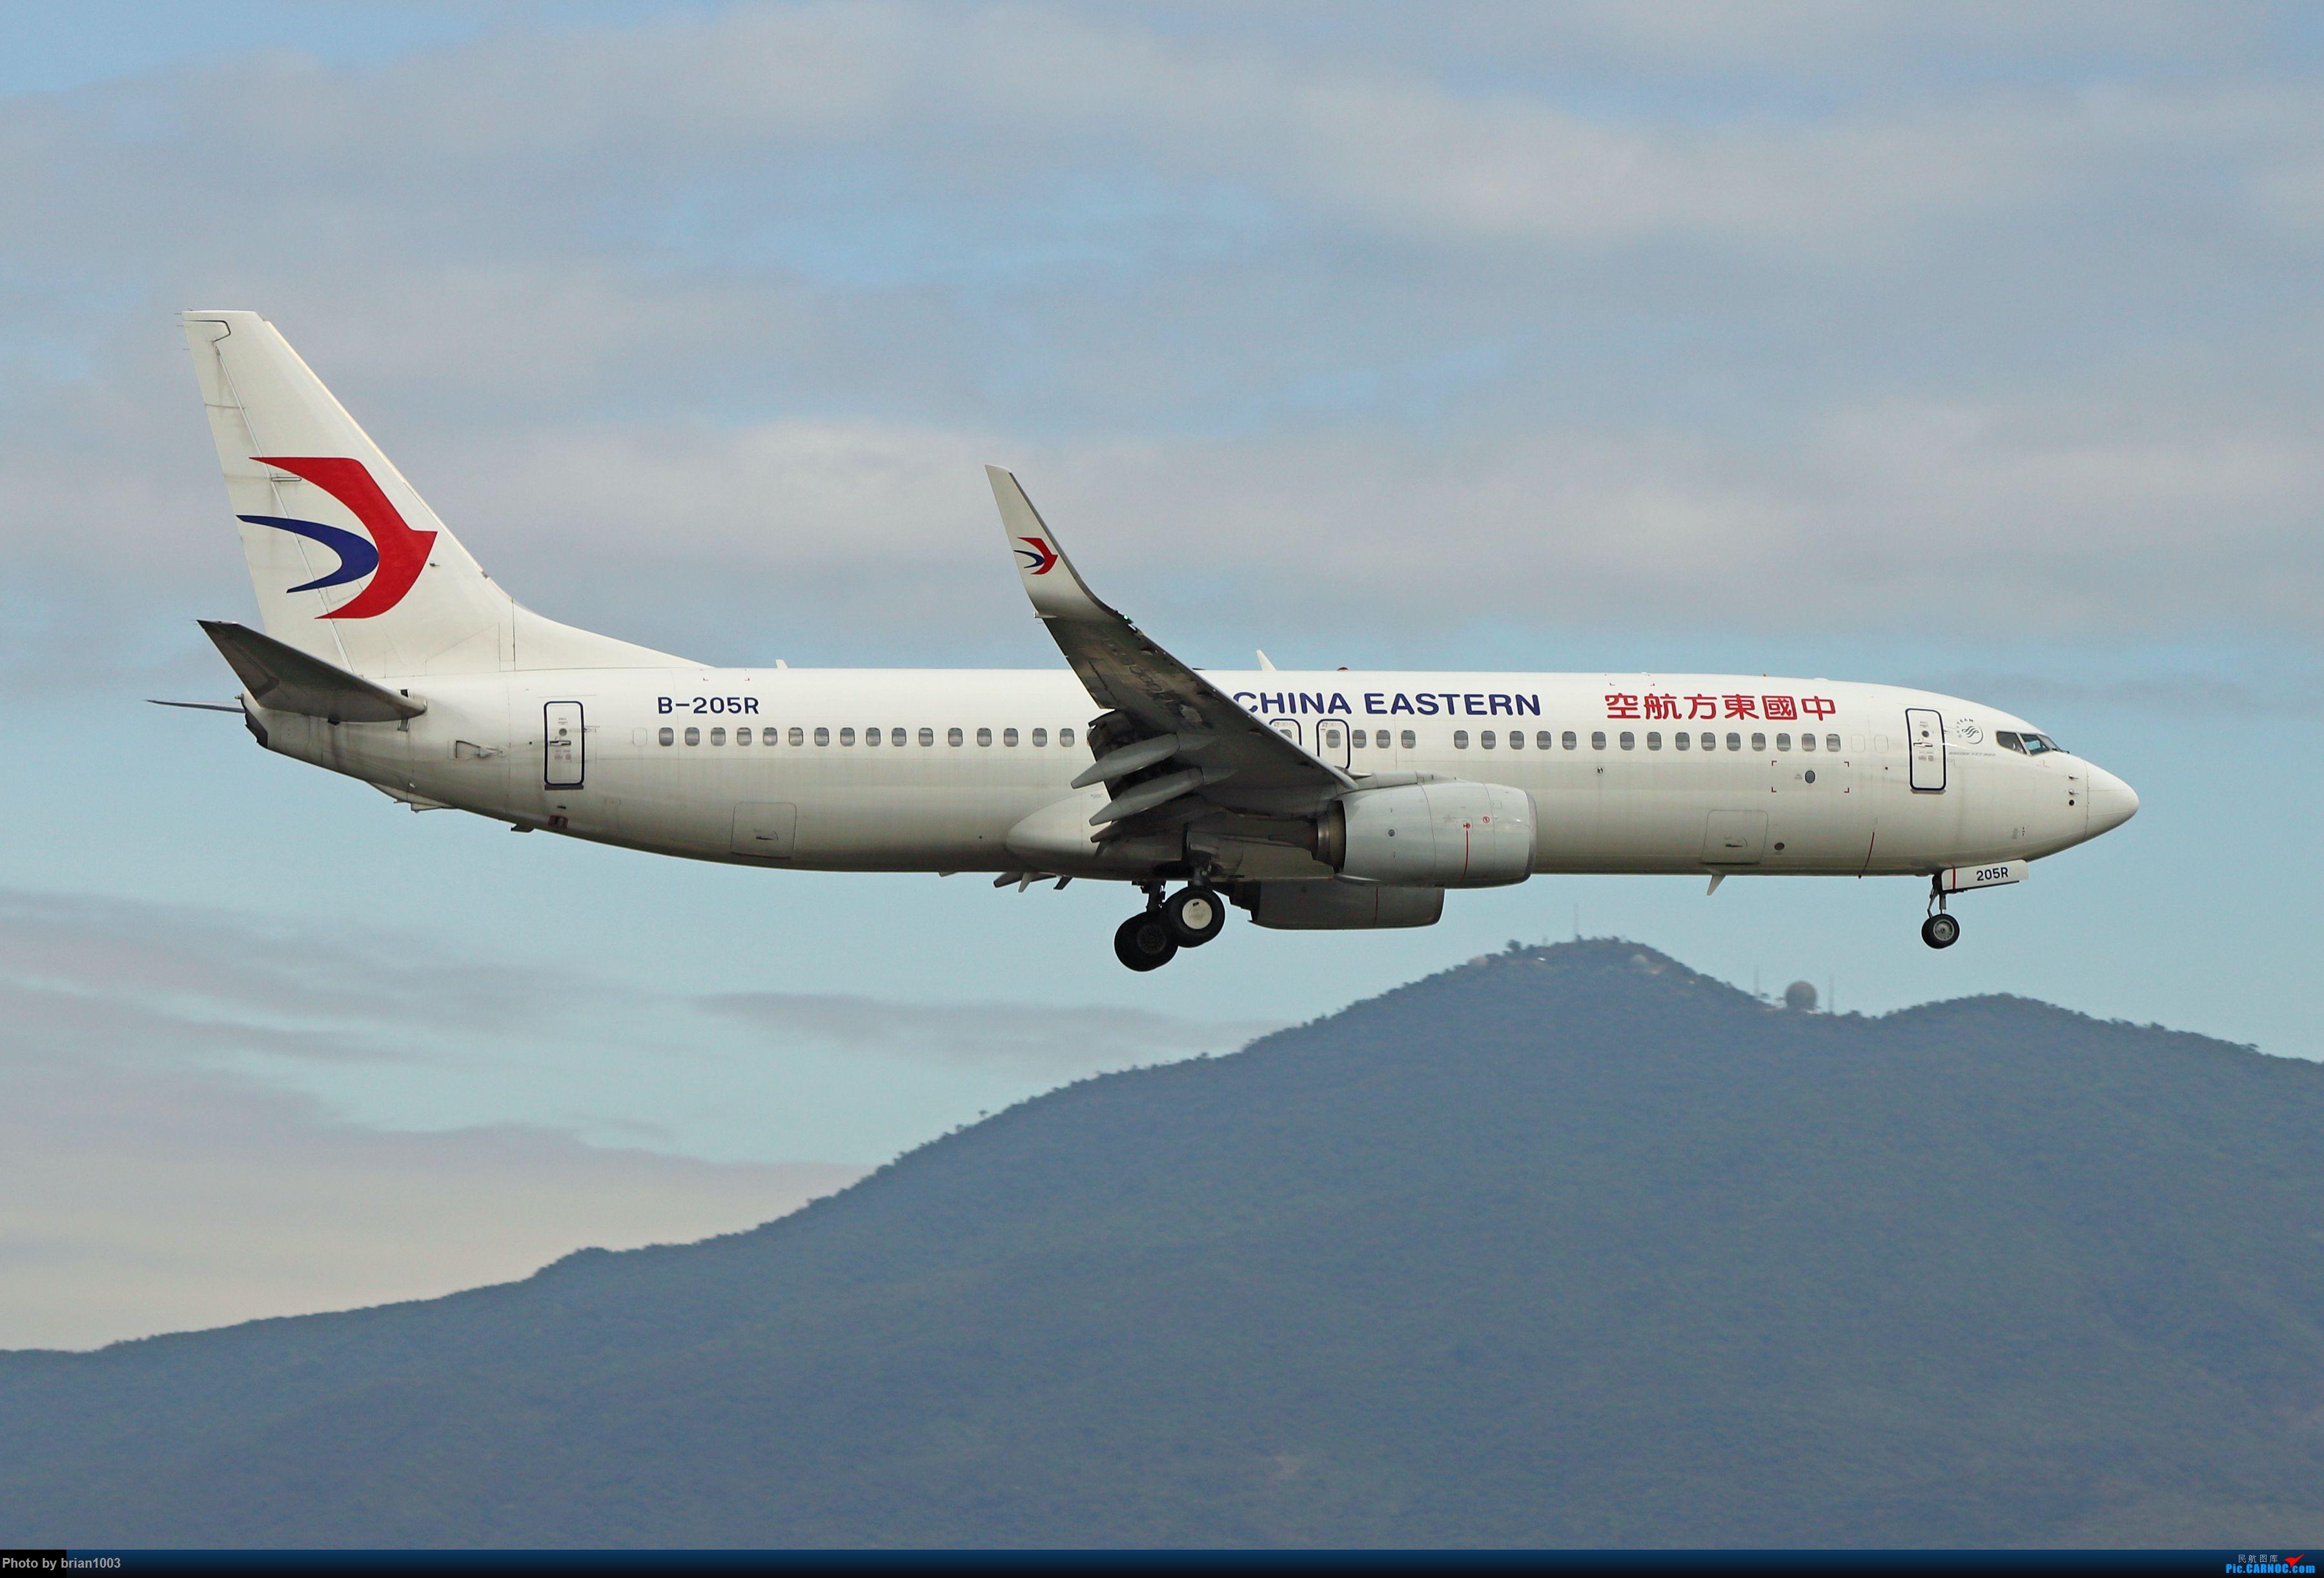 Re:[原创]CZ3347-CZ6734-HU7659,忙里偷闲的三亚拍机之行 BOEING 737-800 B-205R 中国三亚凤凰国际机场